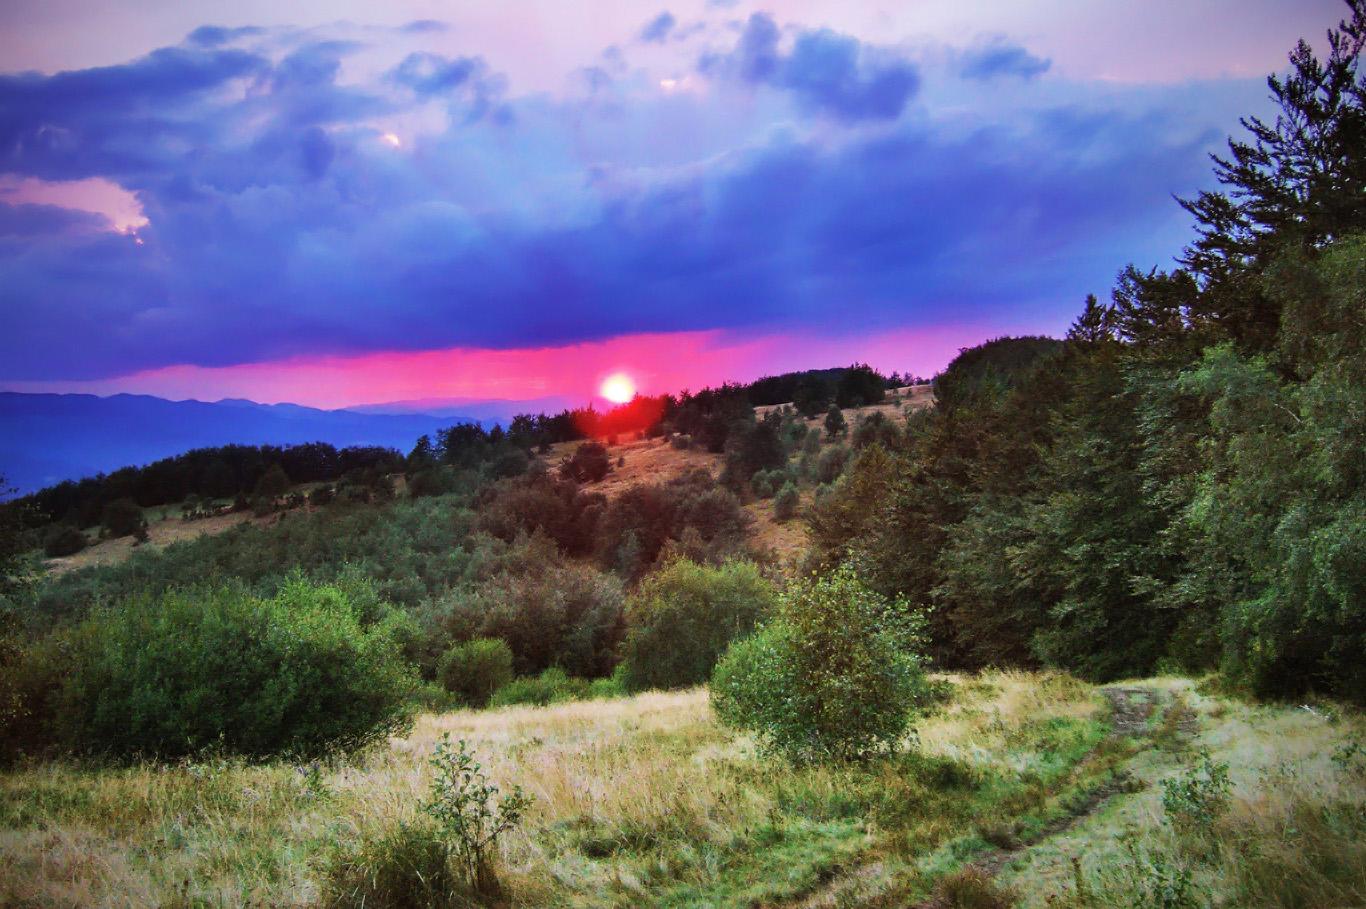 A beautiful sunset